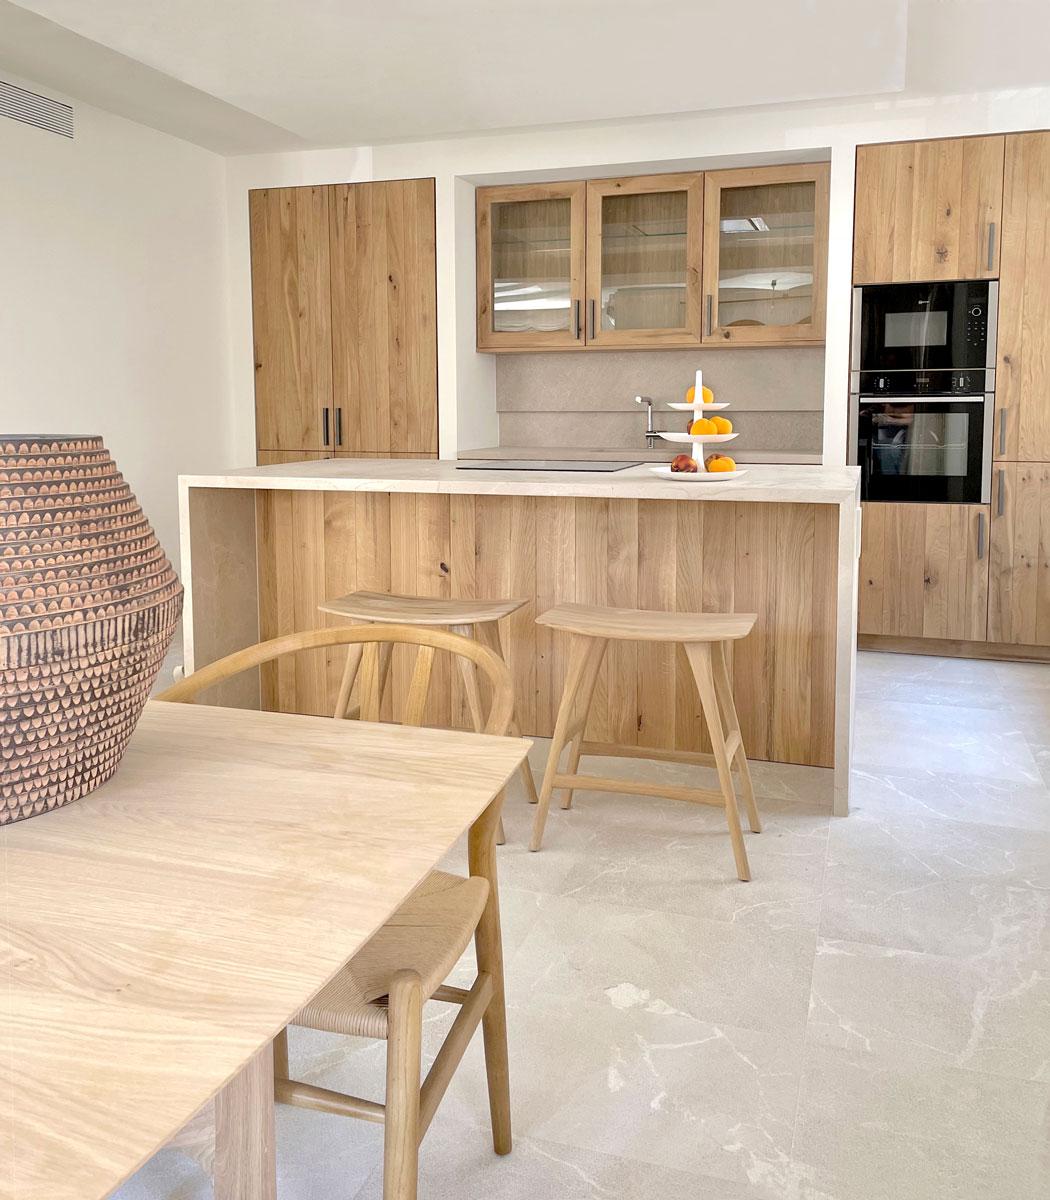 Cocina - Interiorismo casa modernista en pollensa